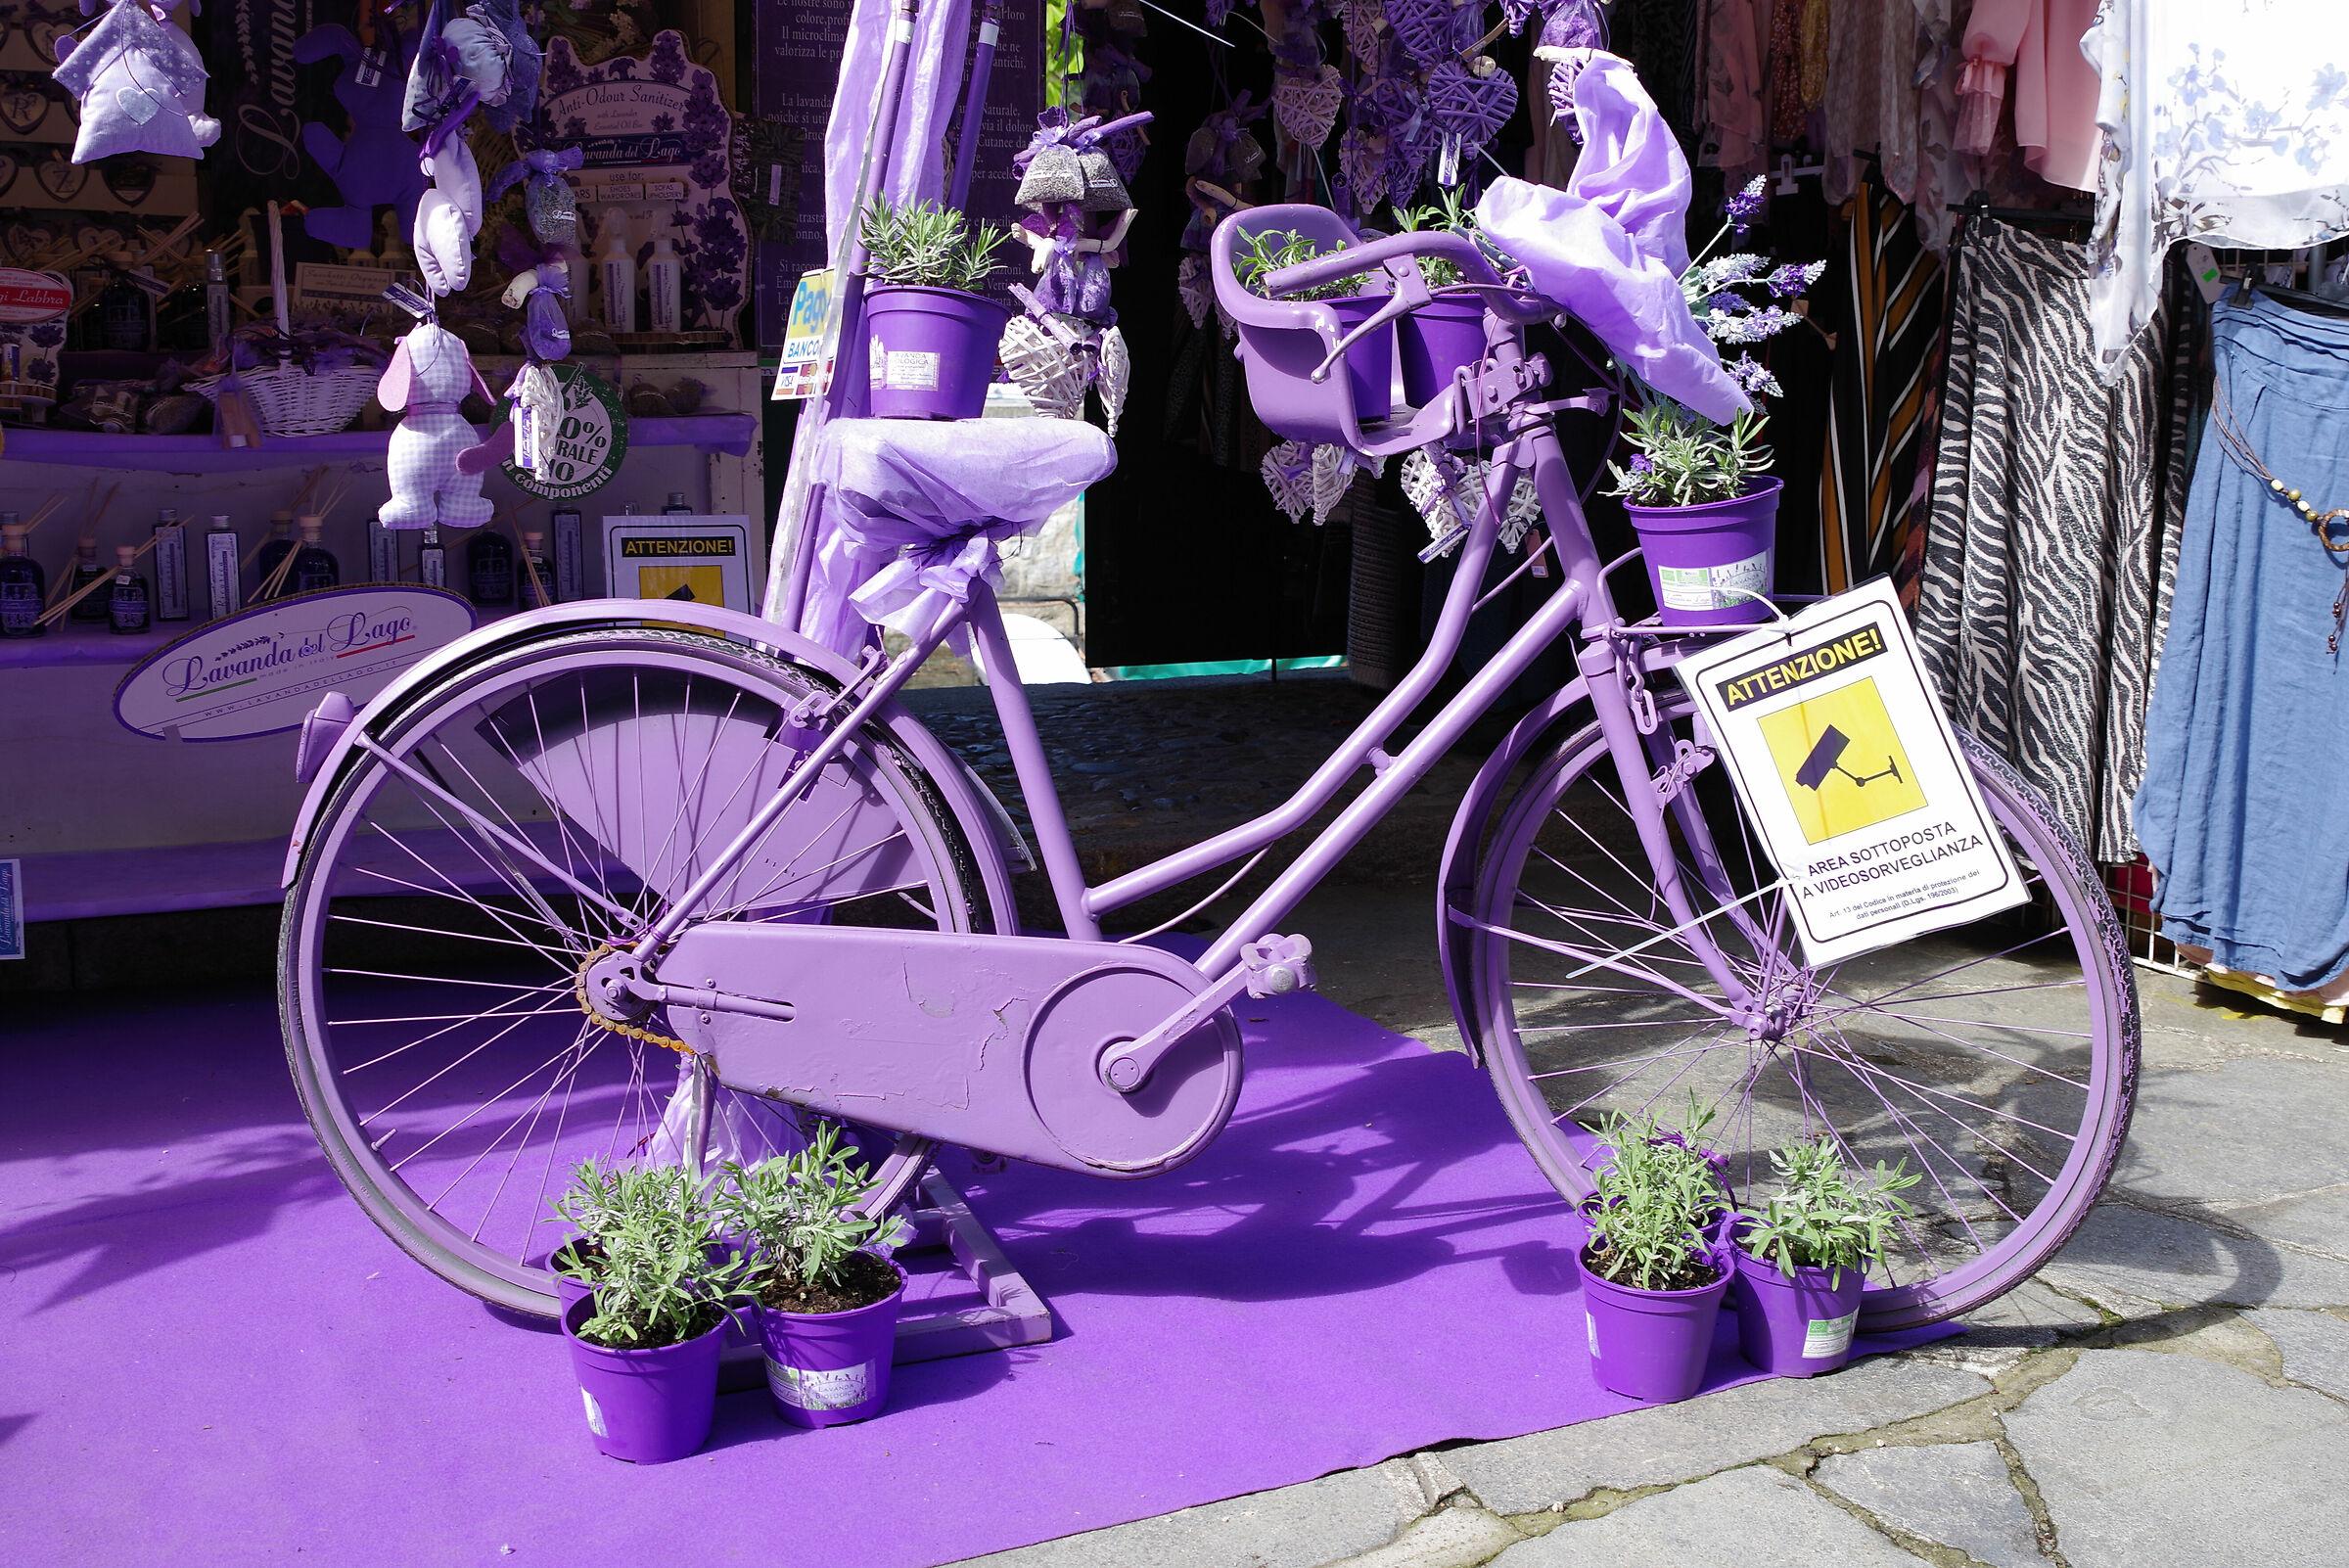 Other Lavender Bike...